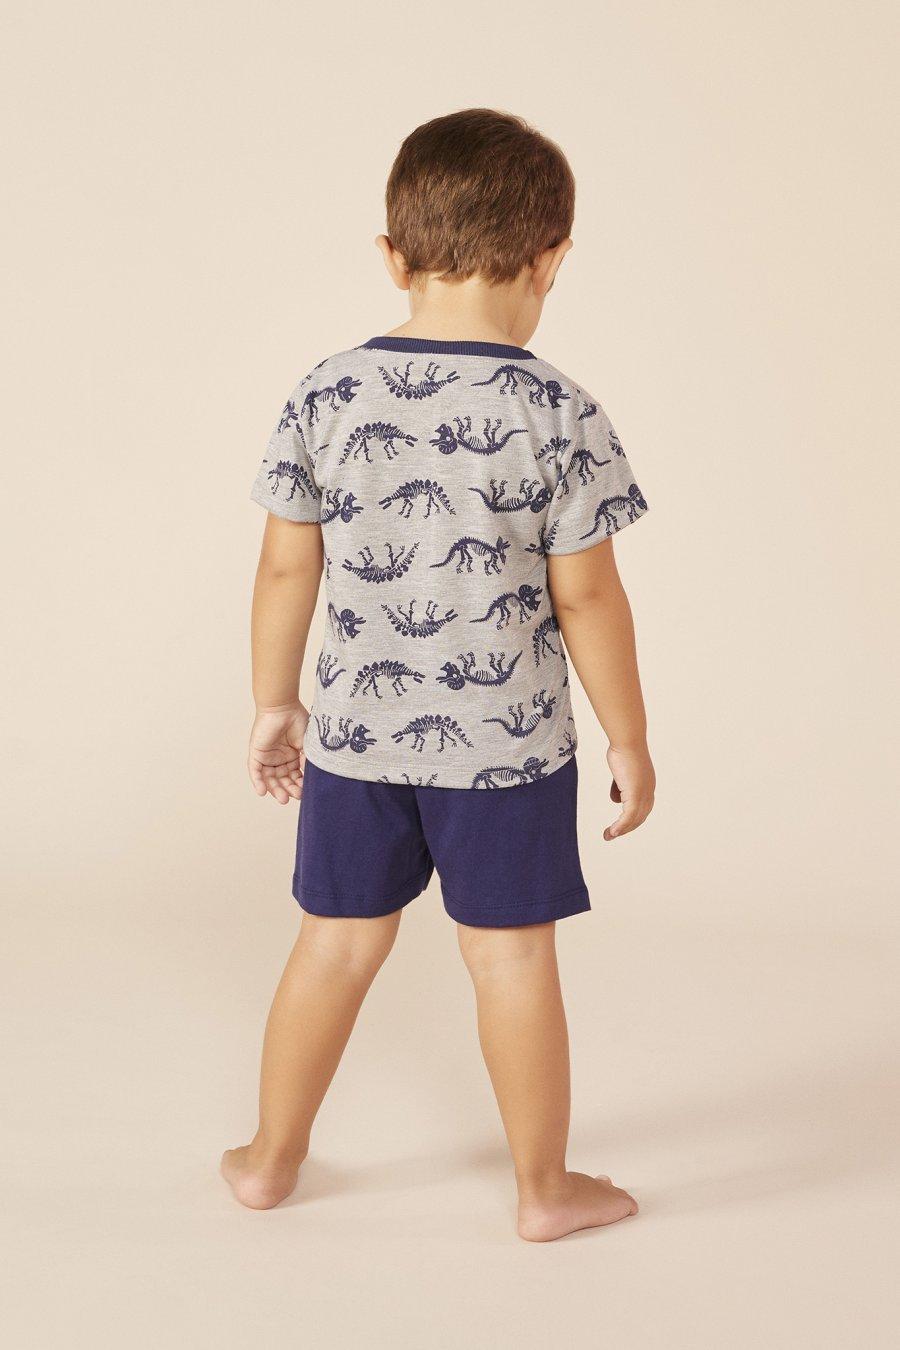 LANÇAMENTO Pijama Baby 1/2 Malha Dinossauro Mundo dos Sonhos Primavera Verão 22 MDS